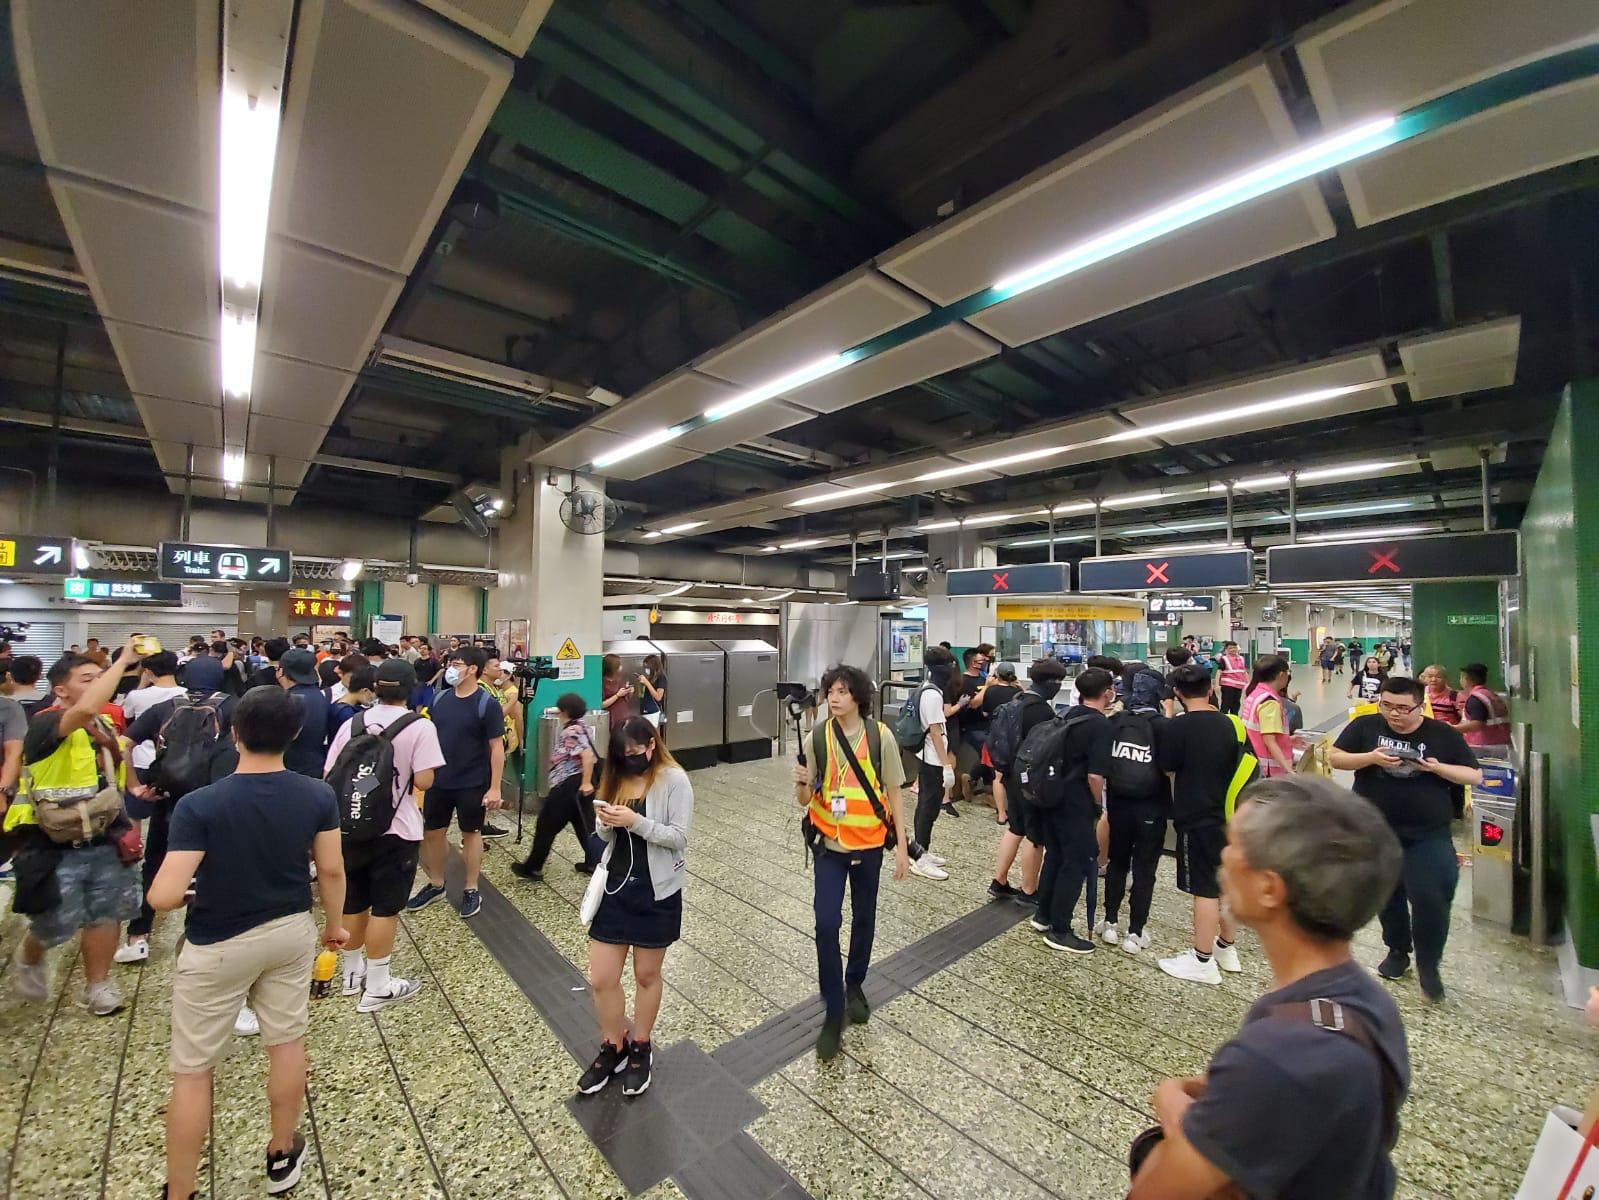 葵芳站晚上再有人群聚集。